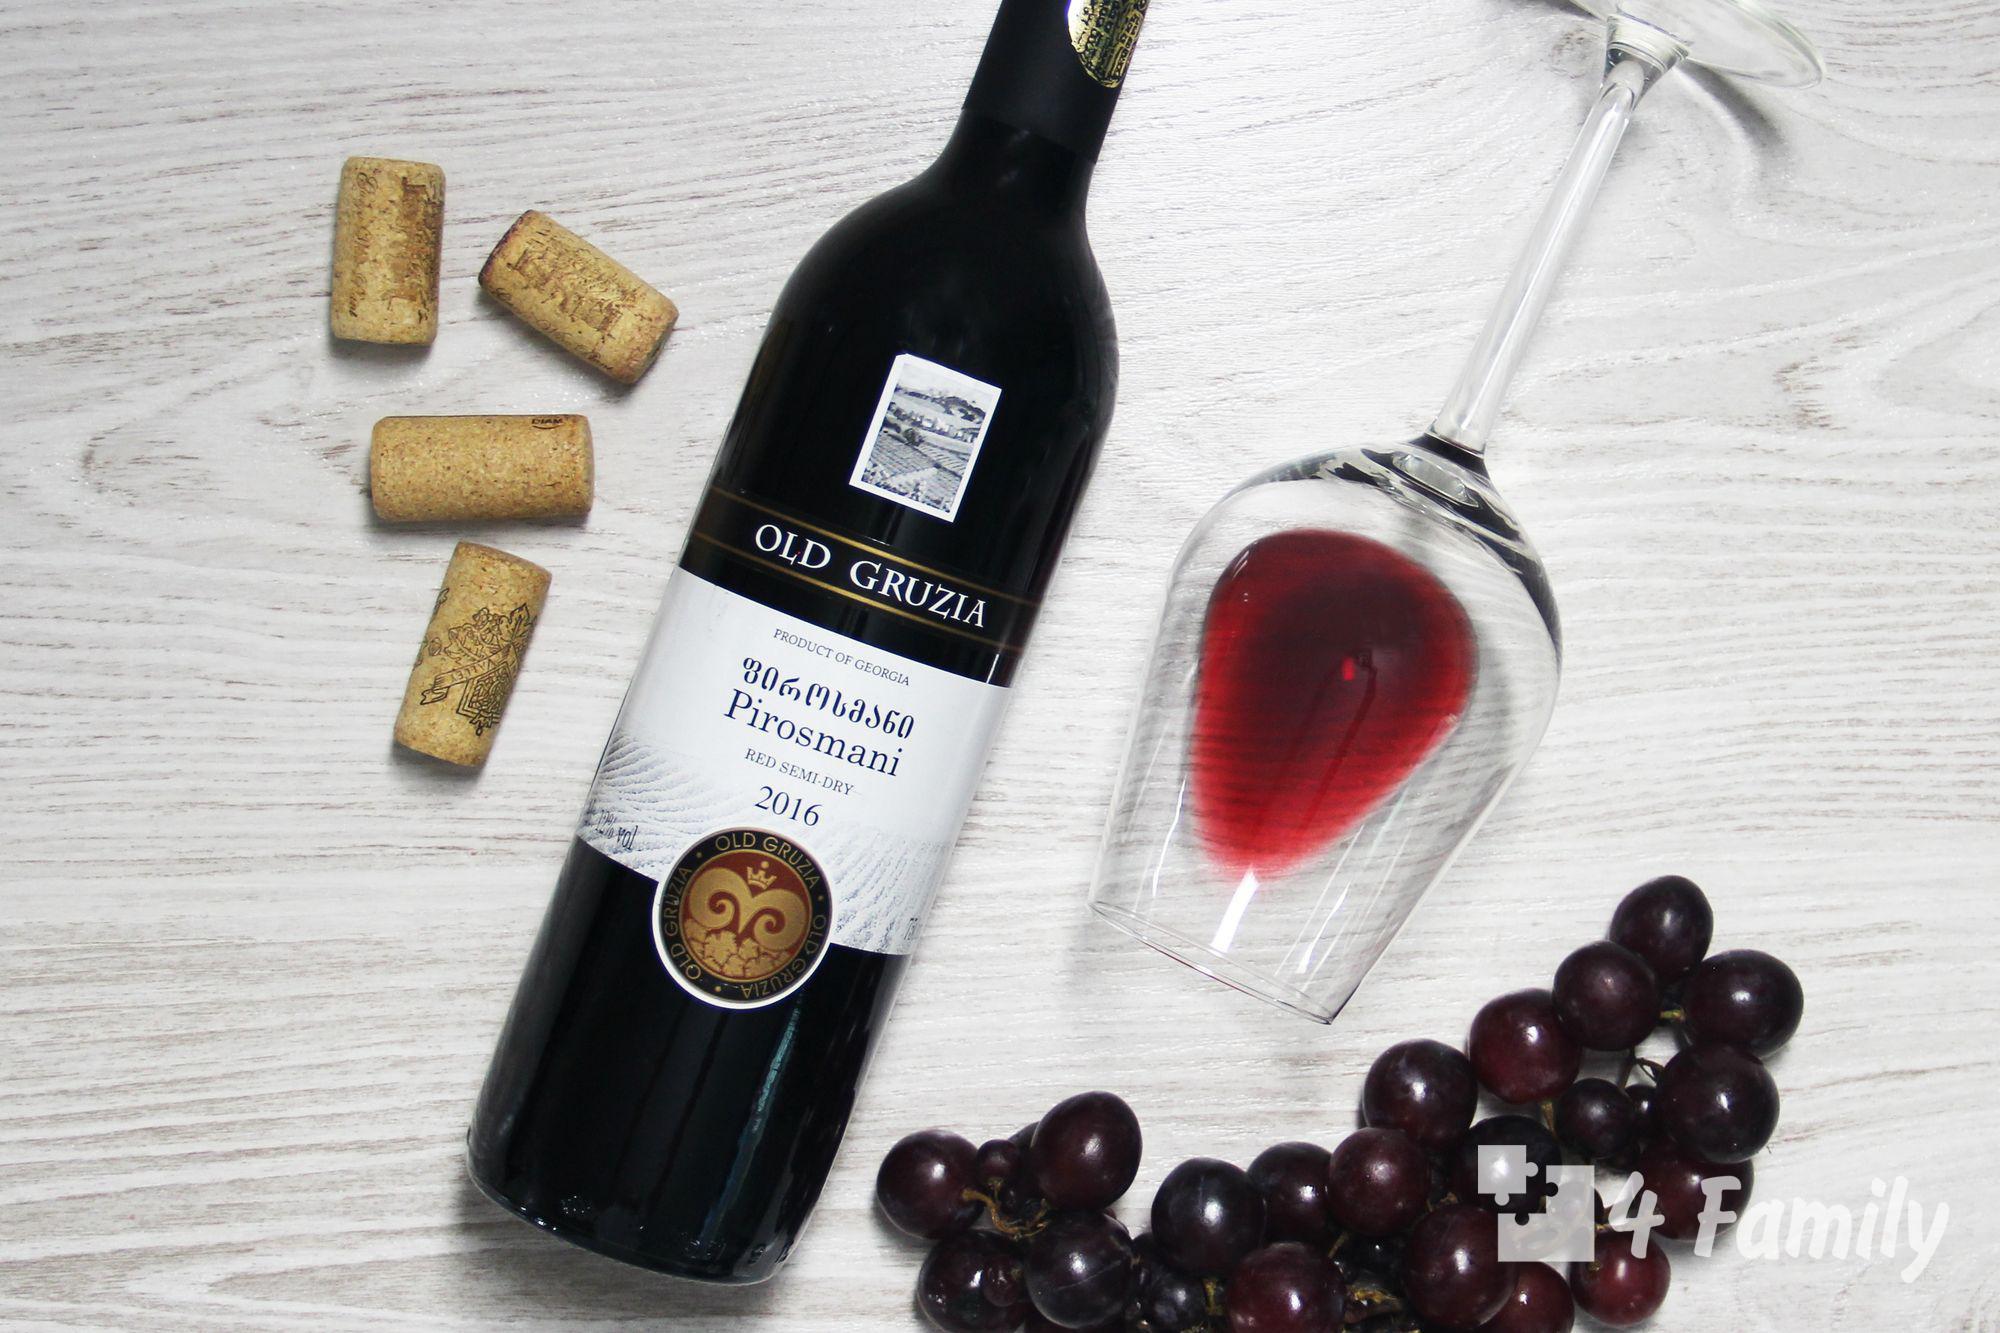 Как выбрать вино пиросмани